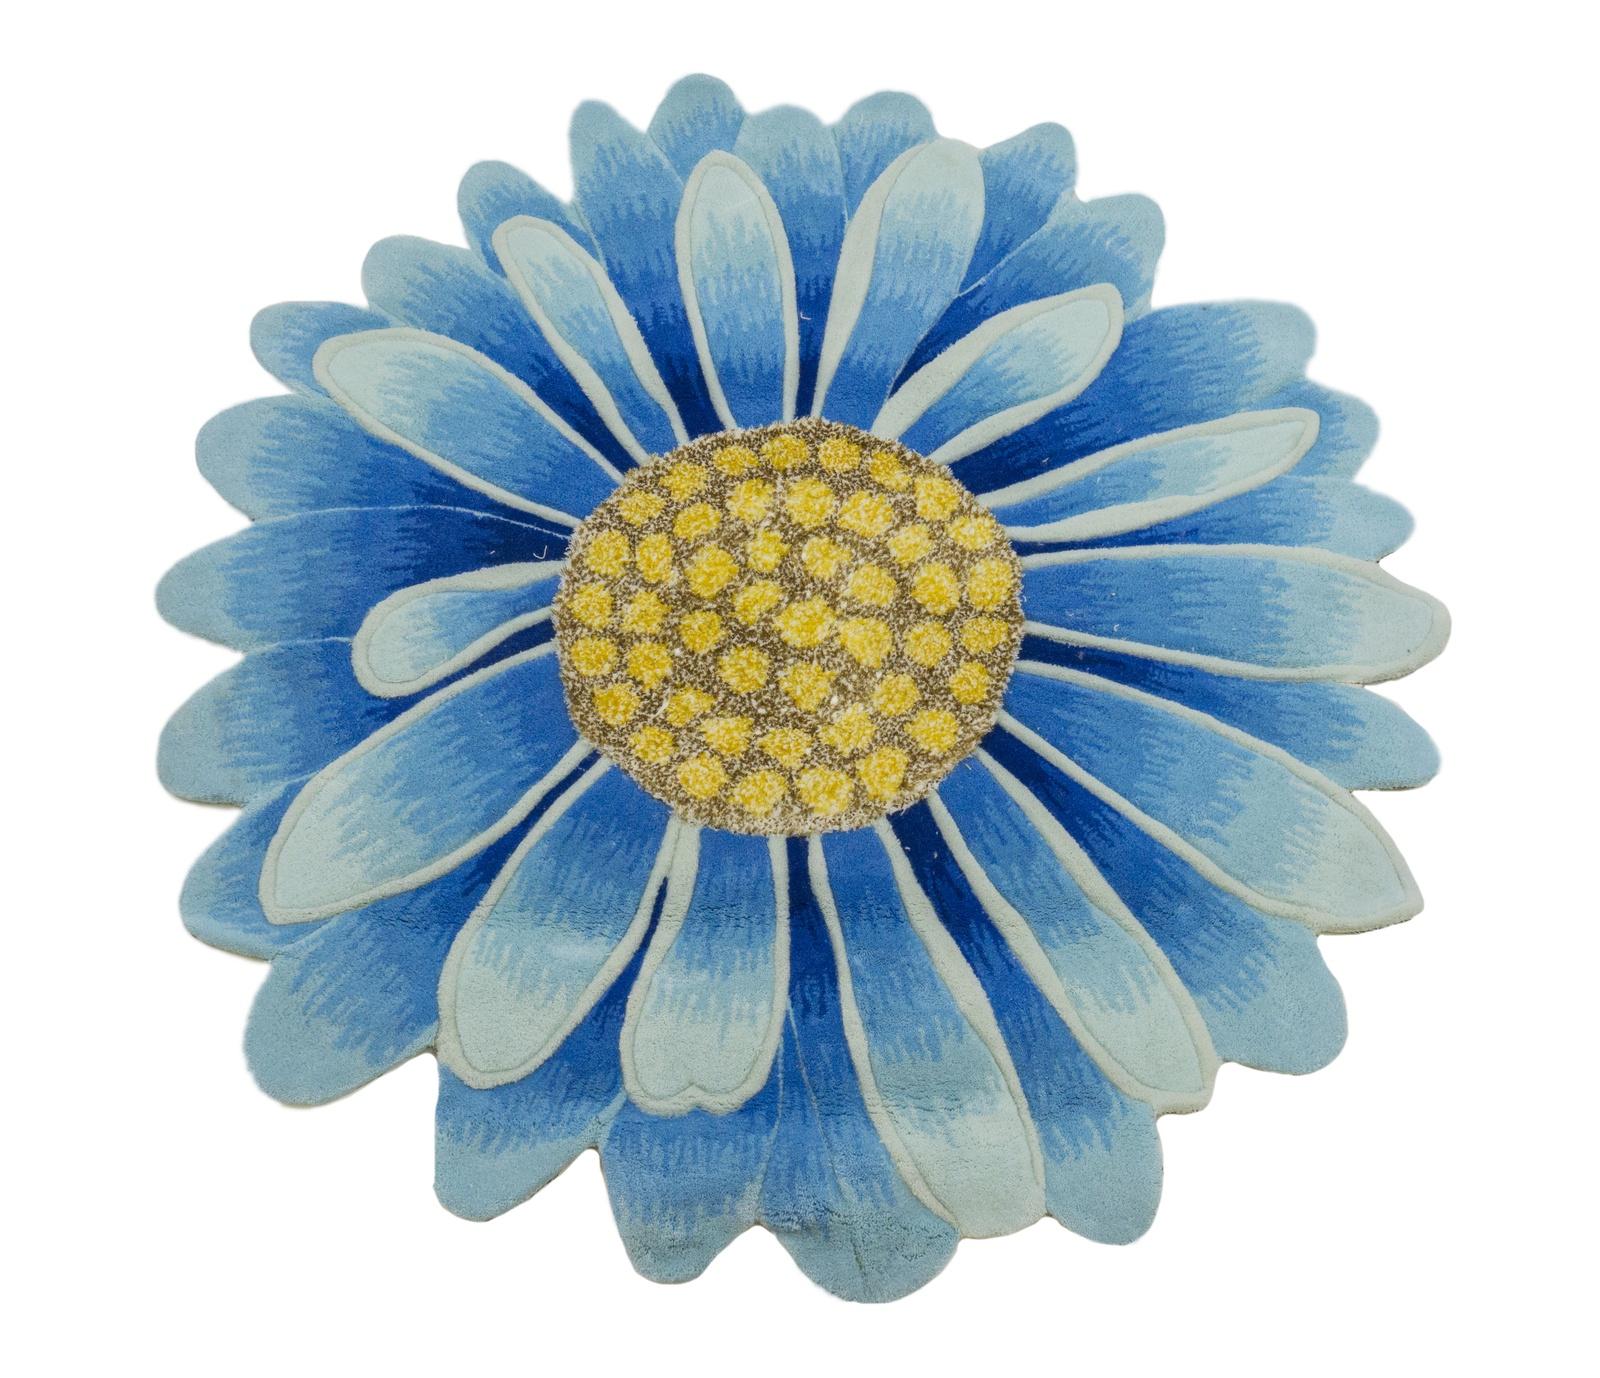 Ковер MADONNA 1,2х1,2 /фигурный, синий